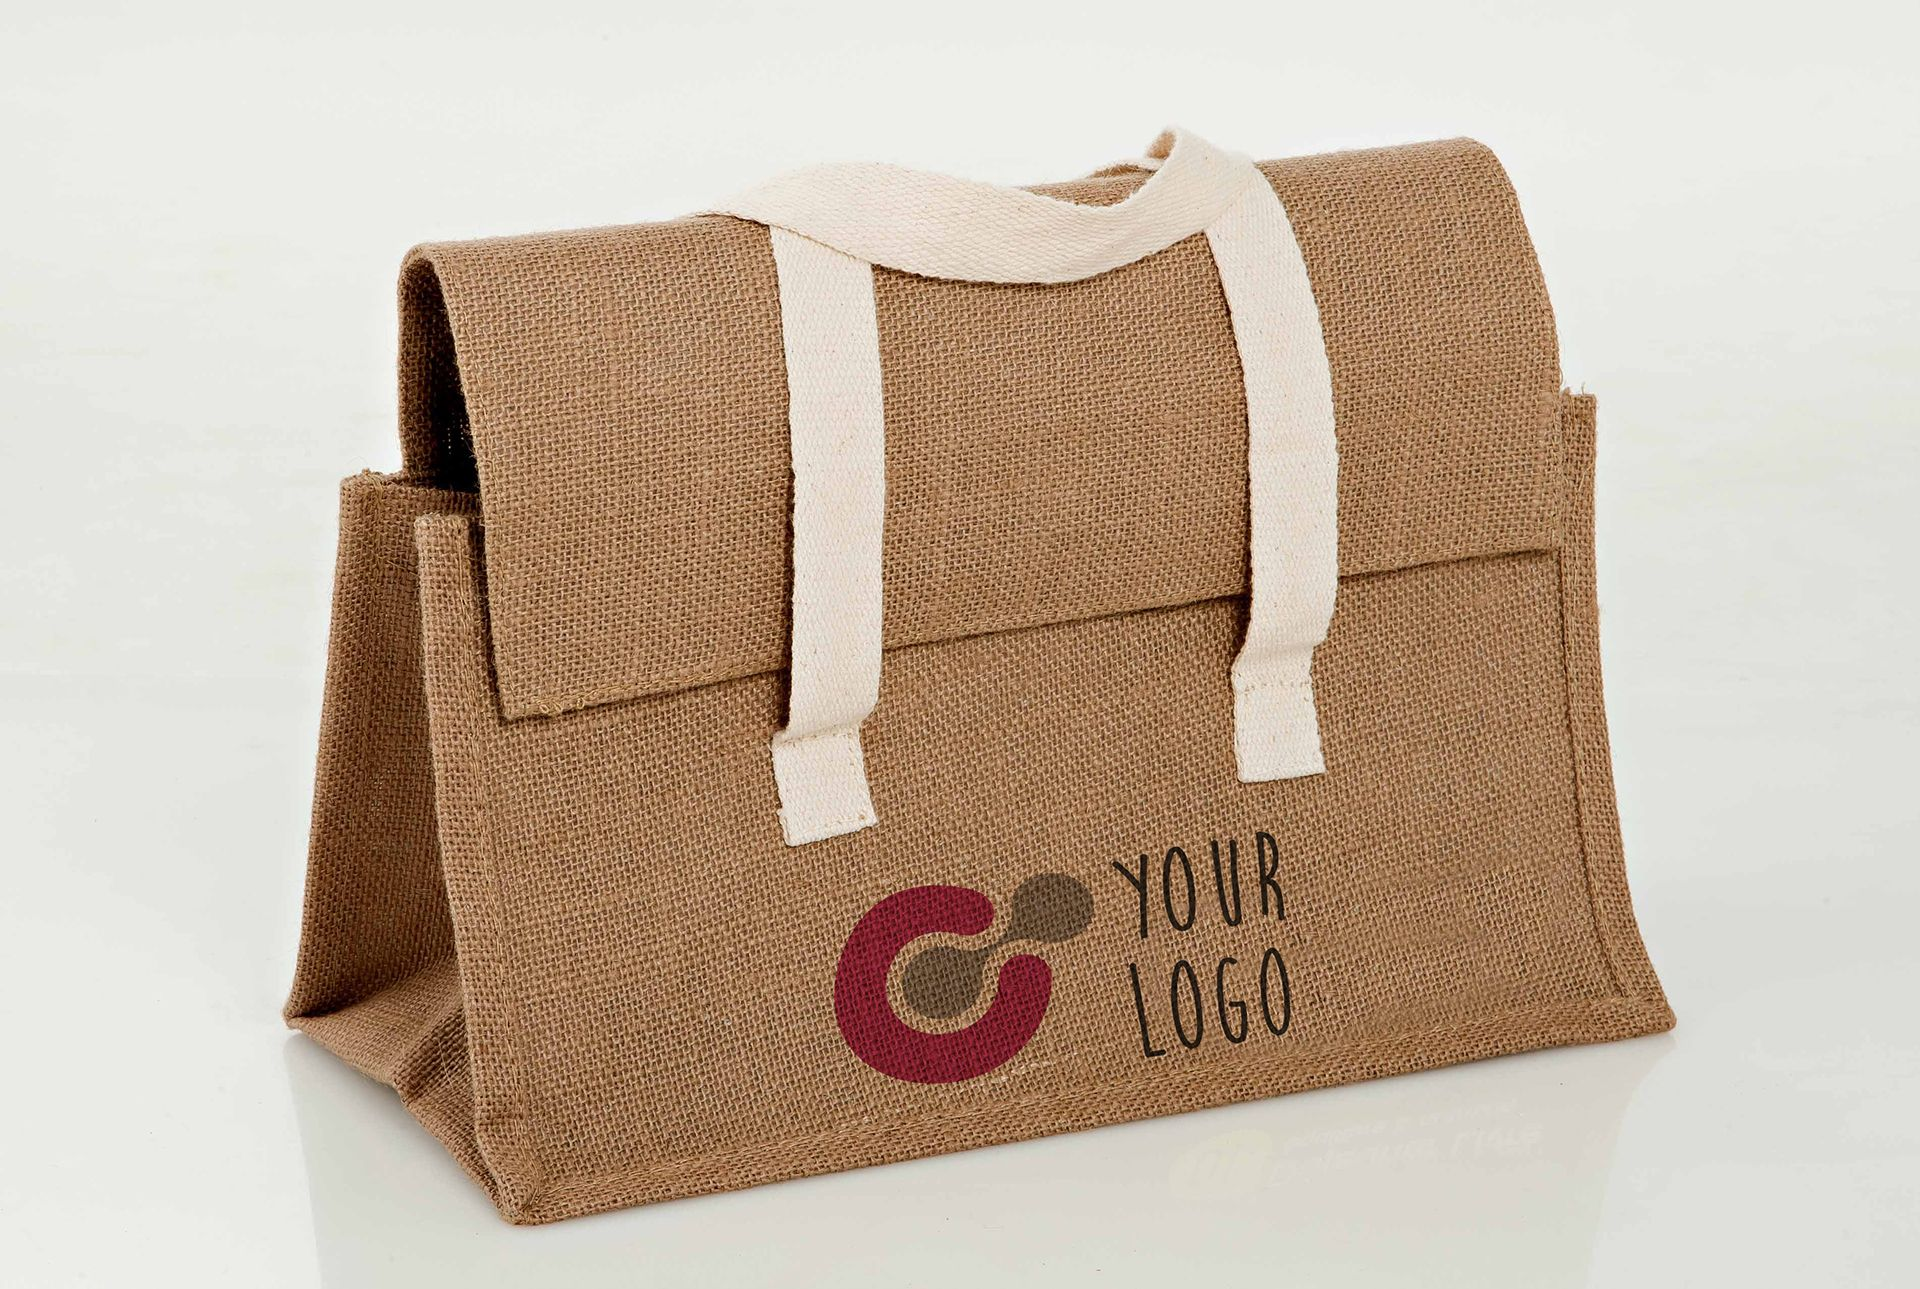 Download Free Raw Cloth Bag Mockup In Psd Free Raw Cloth Bag Mockup Psd Fashion Style Cloth Bags Bags Burlap